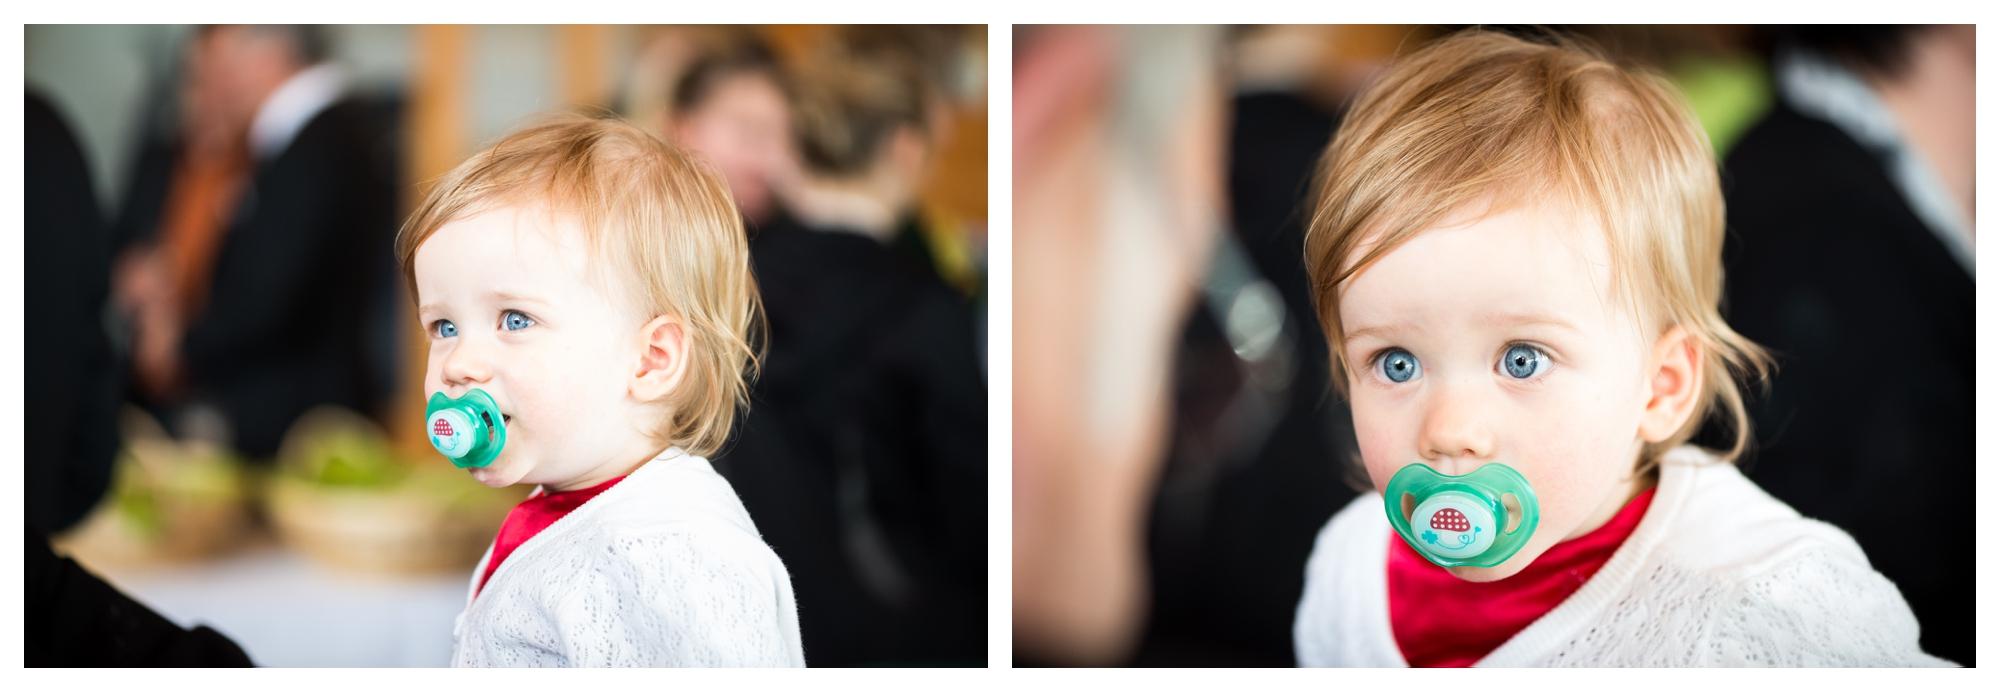 Fotograf Konstanz - 2013 12 09 0020 - Als Hochzeitsfotograf in Bad Dürrheim unterwegs  - 39 -